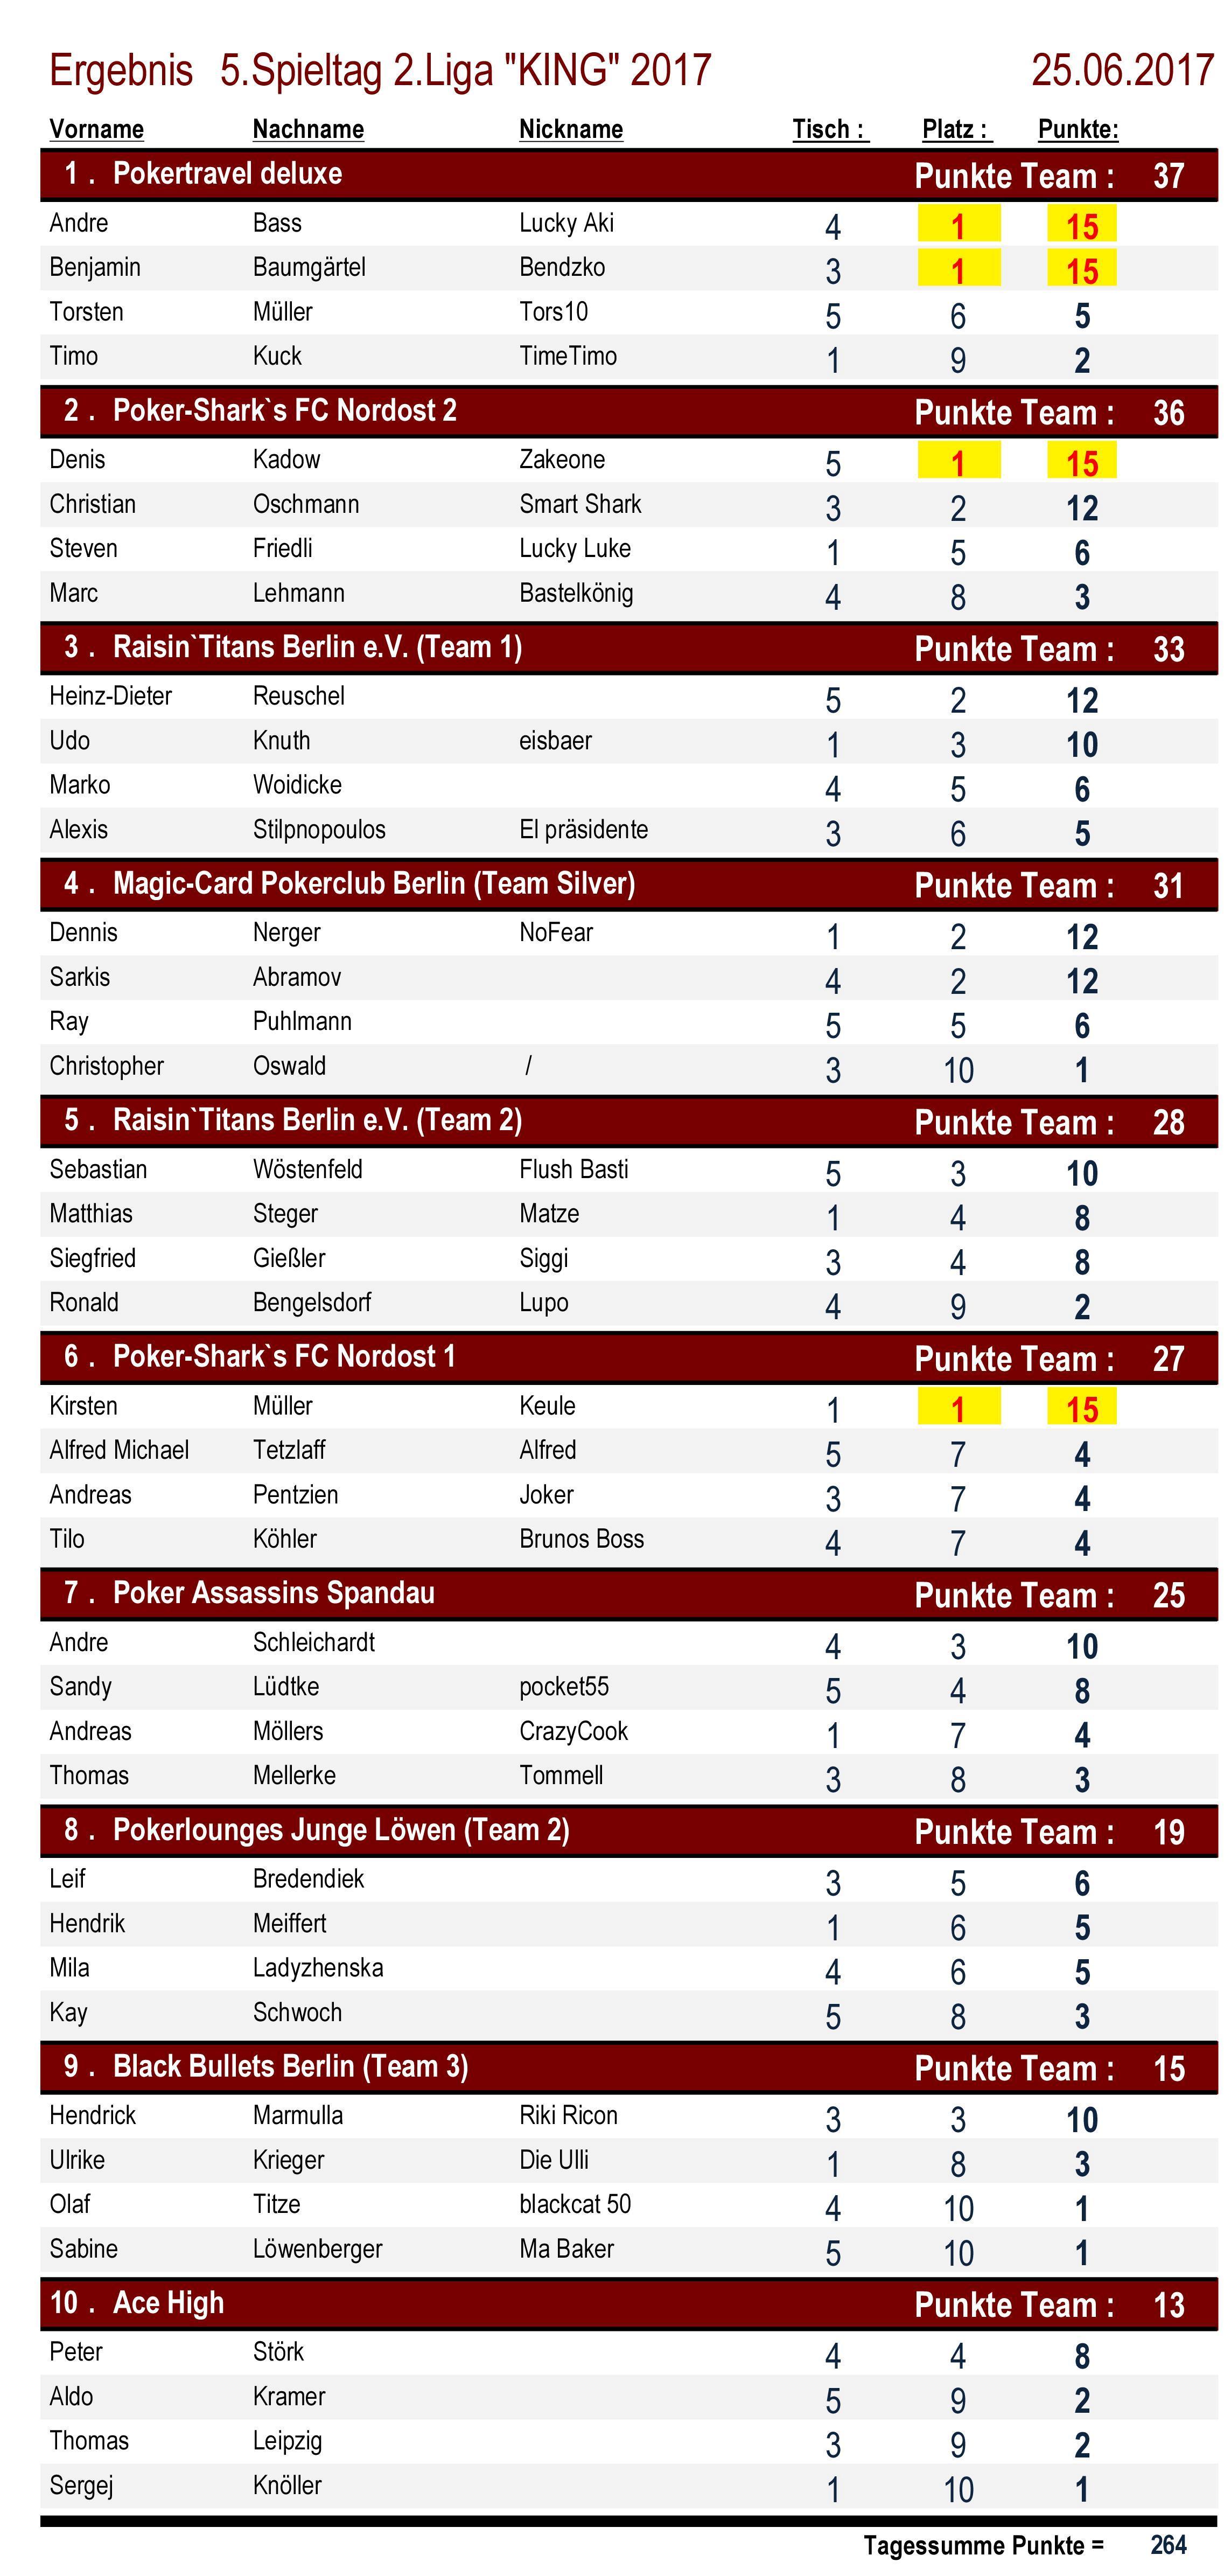 Ergebnisse 2.Liga `KING` 5. Spieltag 2017